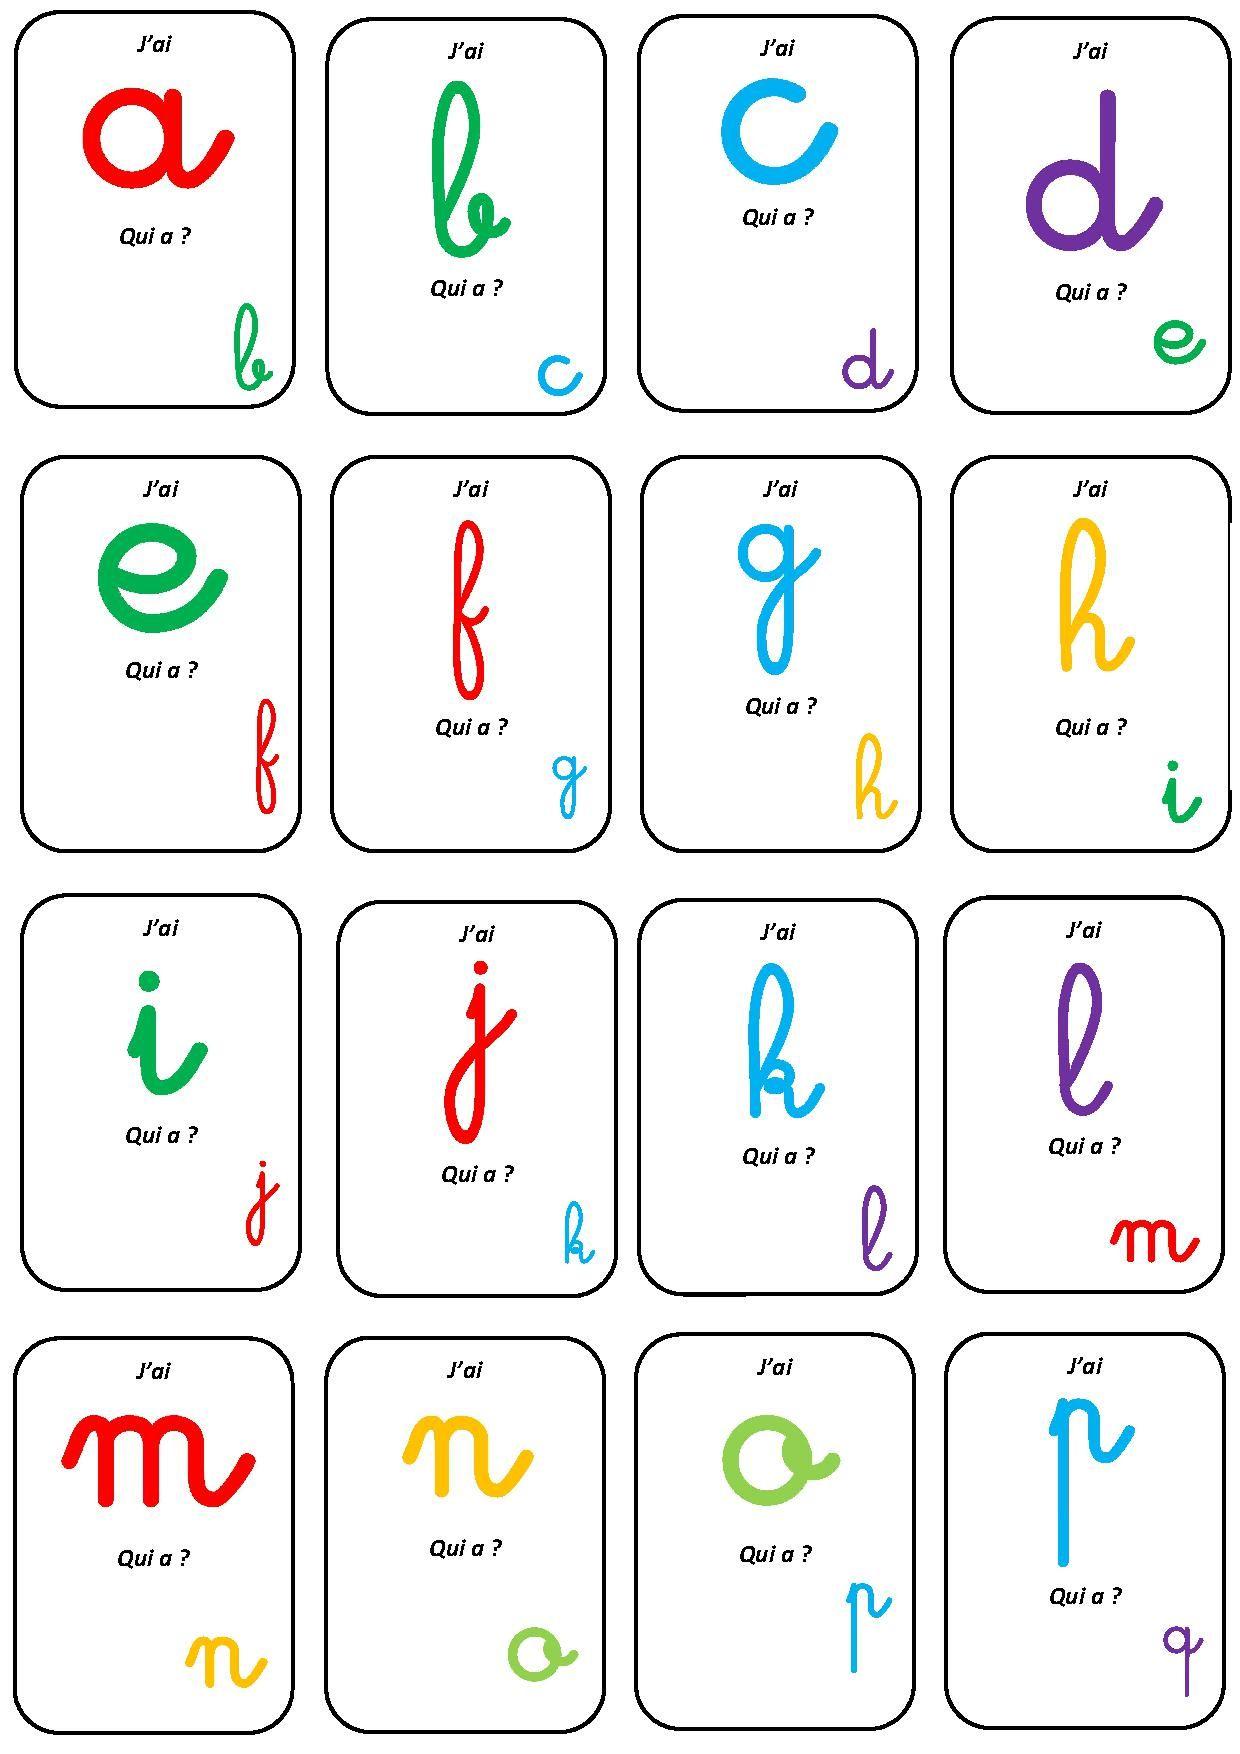 Jeu j 39 ai qui a ecole pinterest la maternelle - Alphabet francais maternelle ...